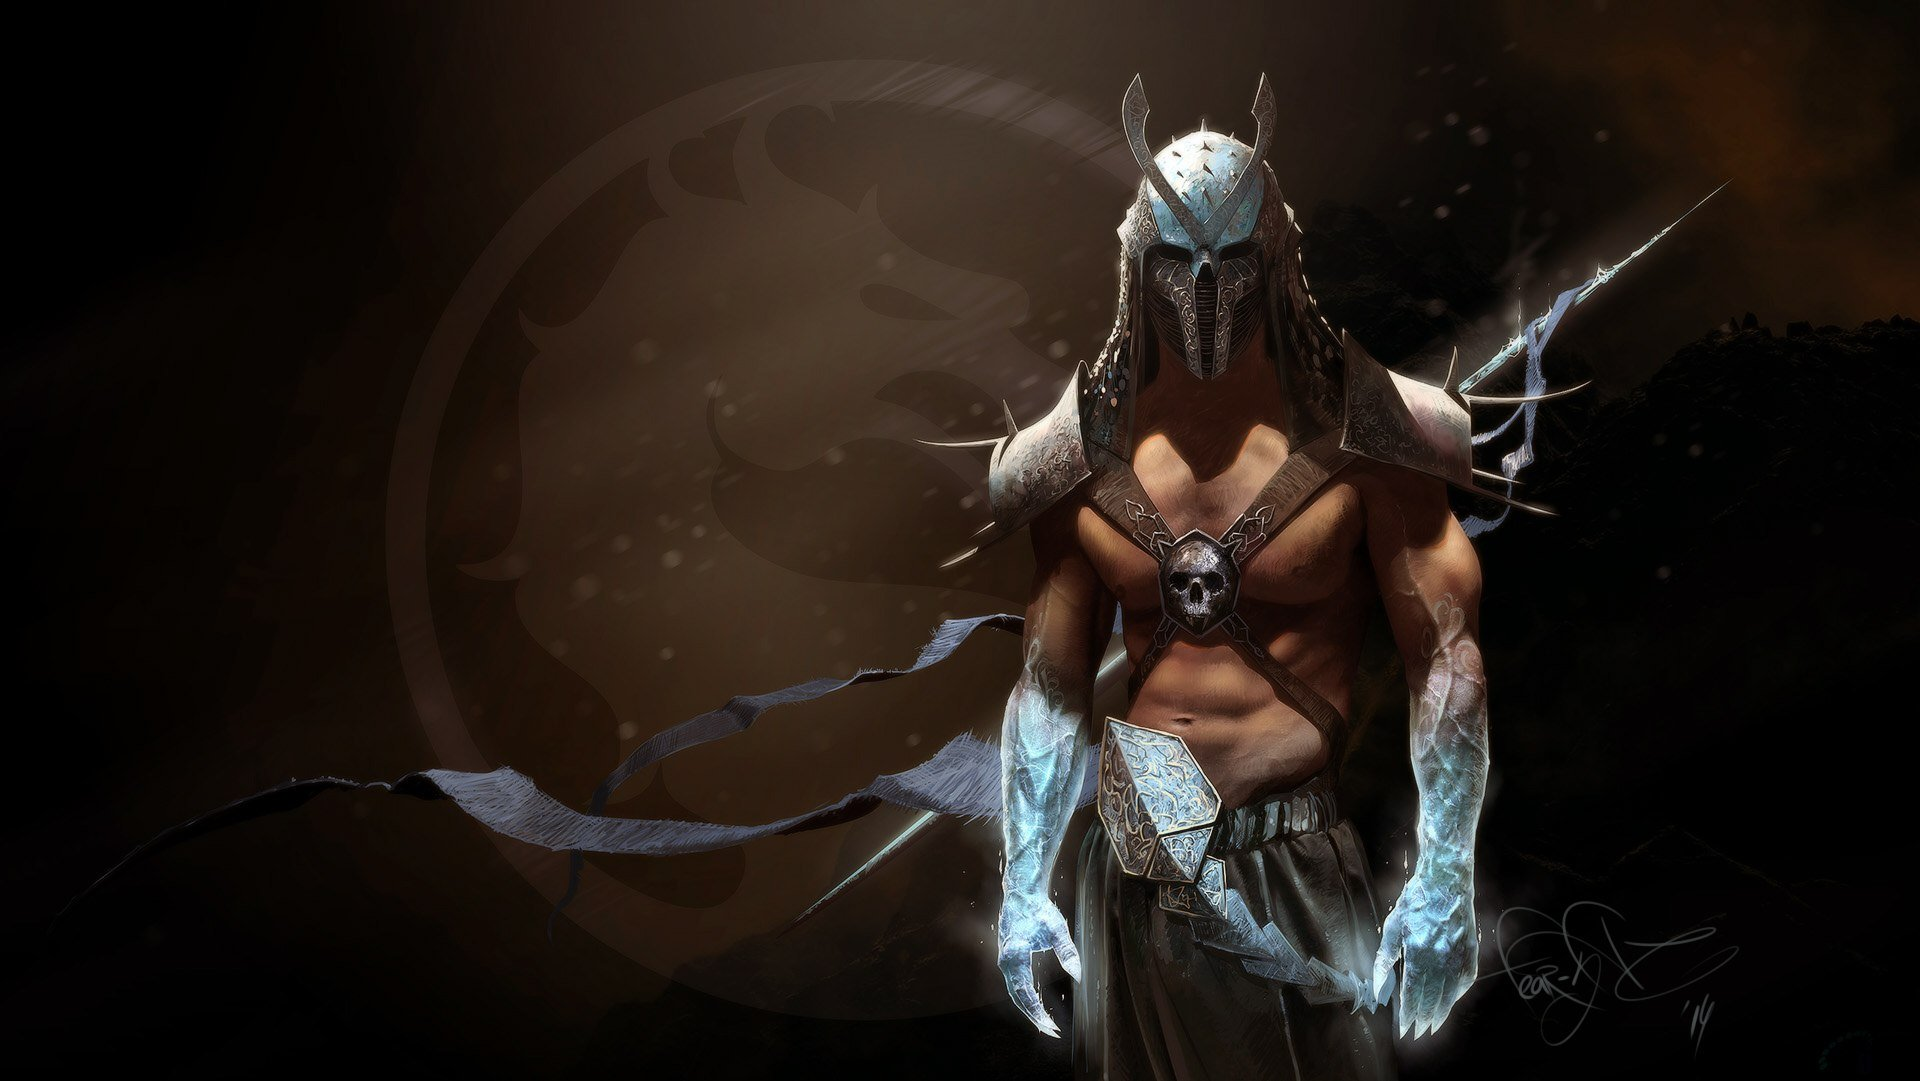 Art-Подборка Mortal Кombat - Изображение 4